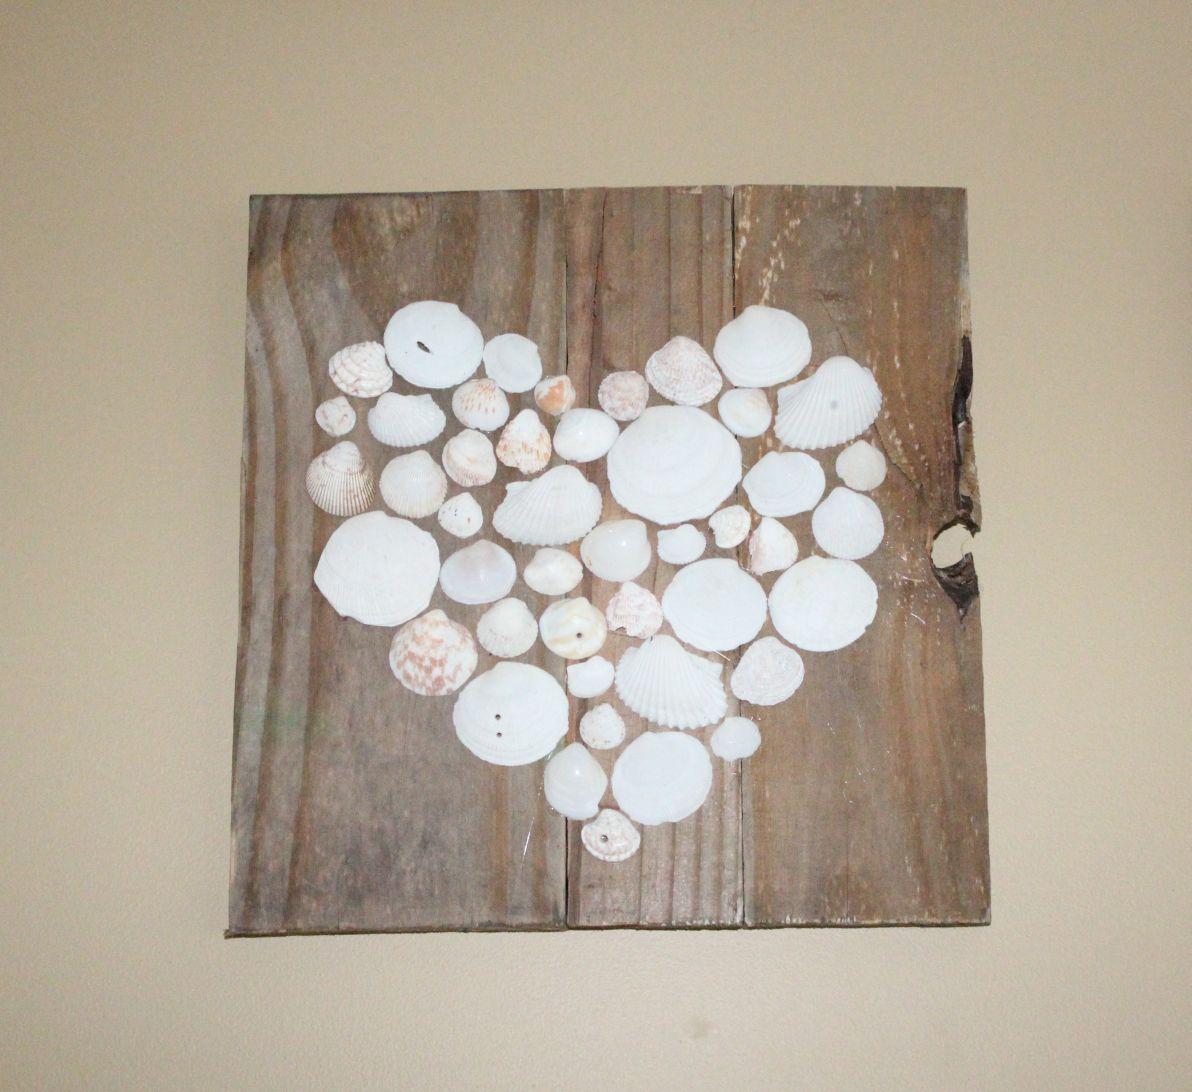 http://3.bp.blogspot.com/-HGVFH2DLf4I/UQrtJildC5I/AAAAAAAAAfM/gnHADY7CuZ8/s1600/Pallet+Heart+Art+Shells.jpg